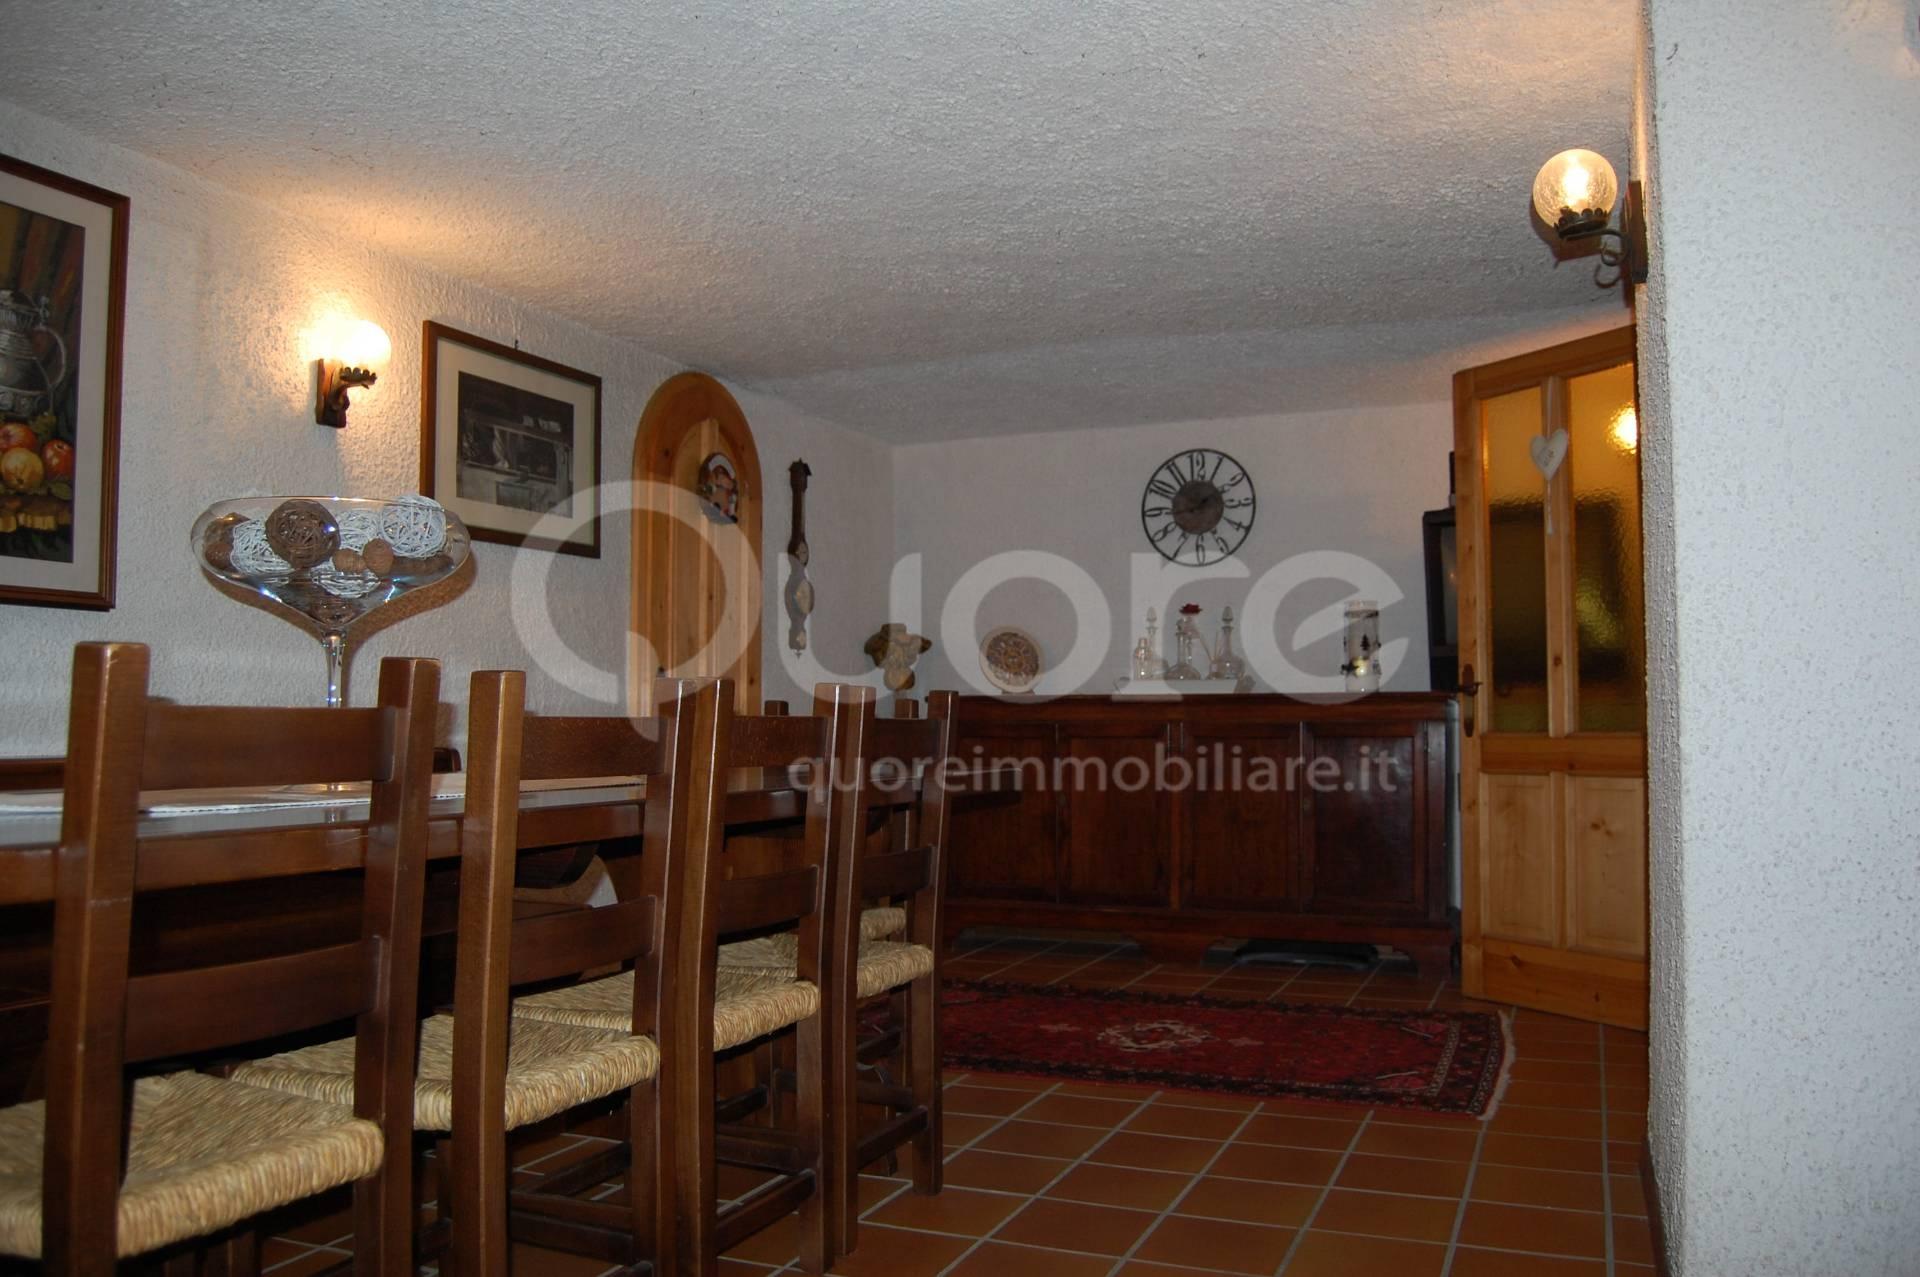 Villa in vendita a Udine, 6 locali, prezzo € 349.000 | Cambio Casa.it